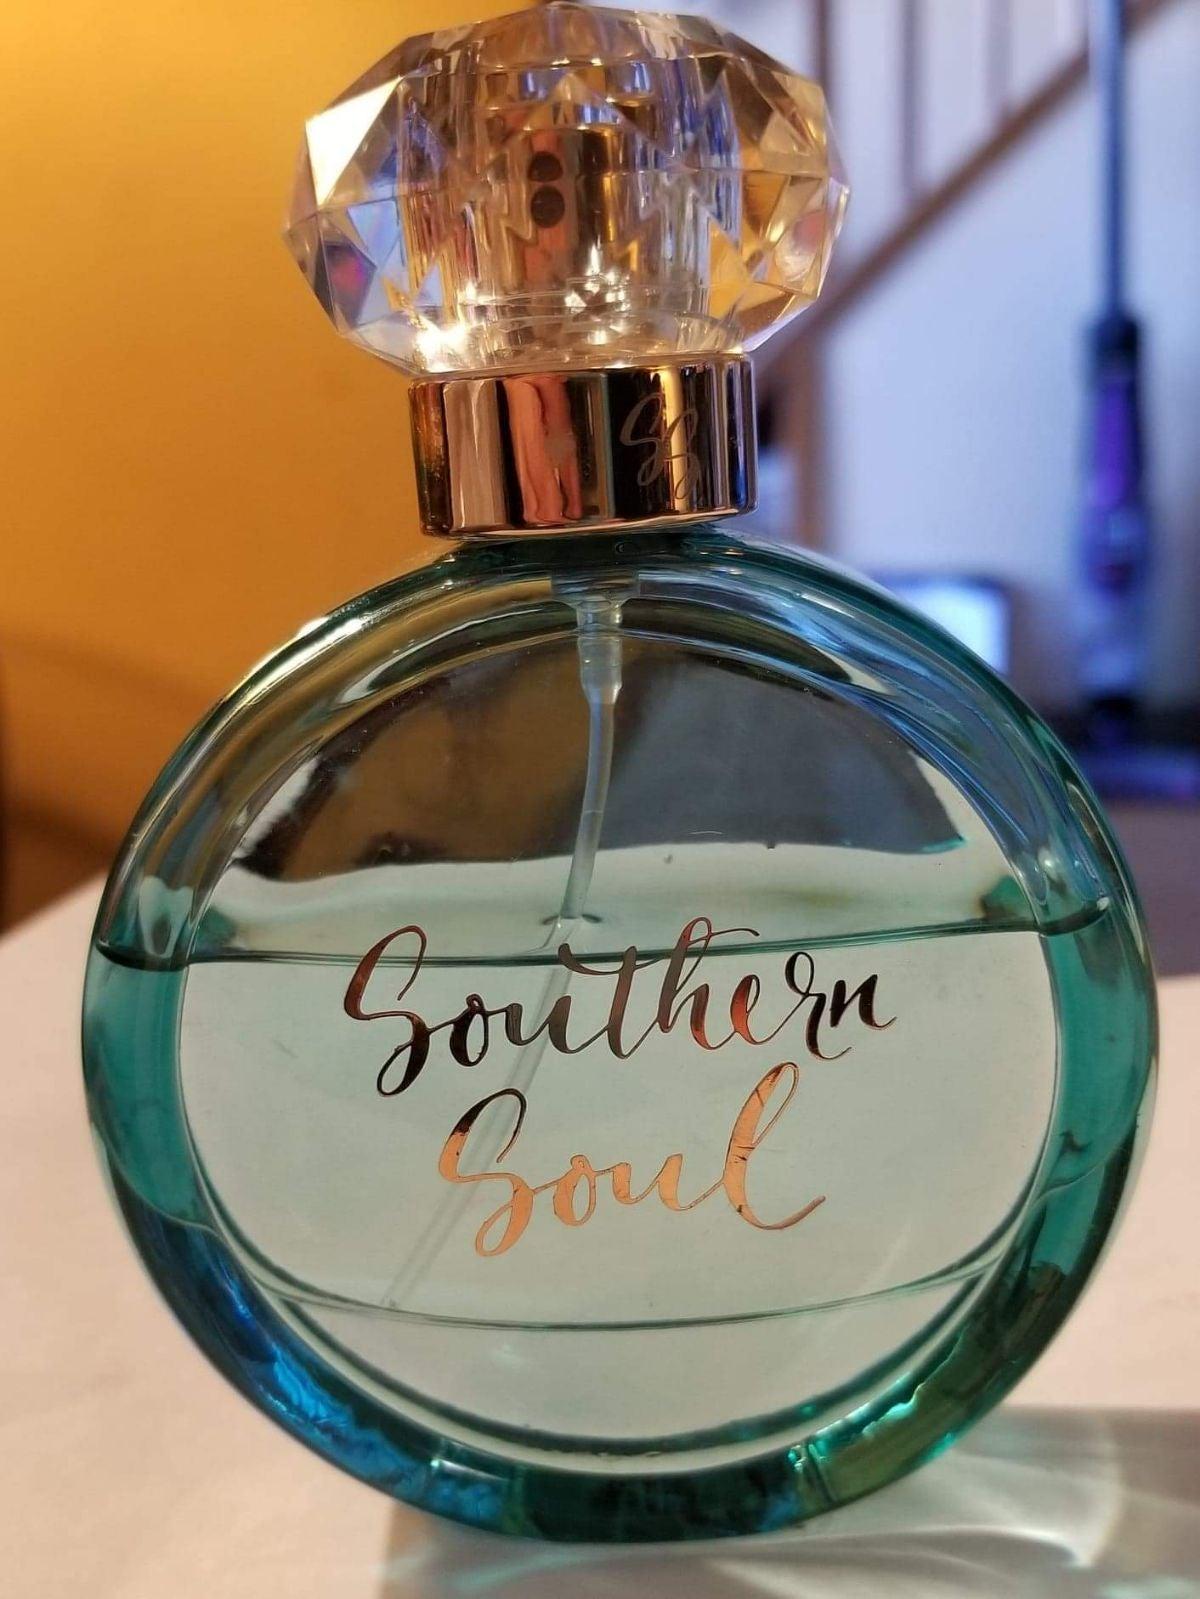 Womens Southern soul perfume